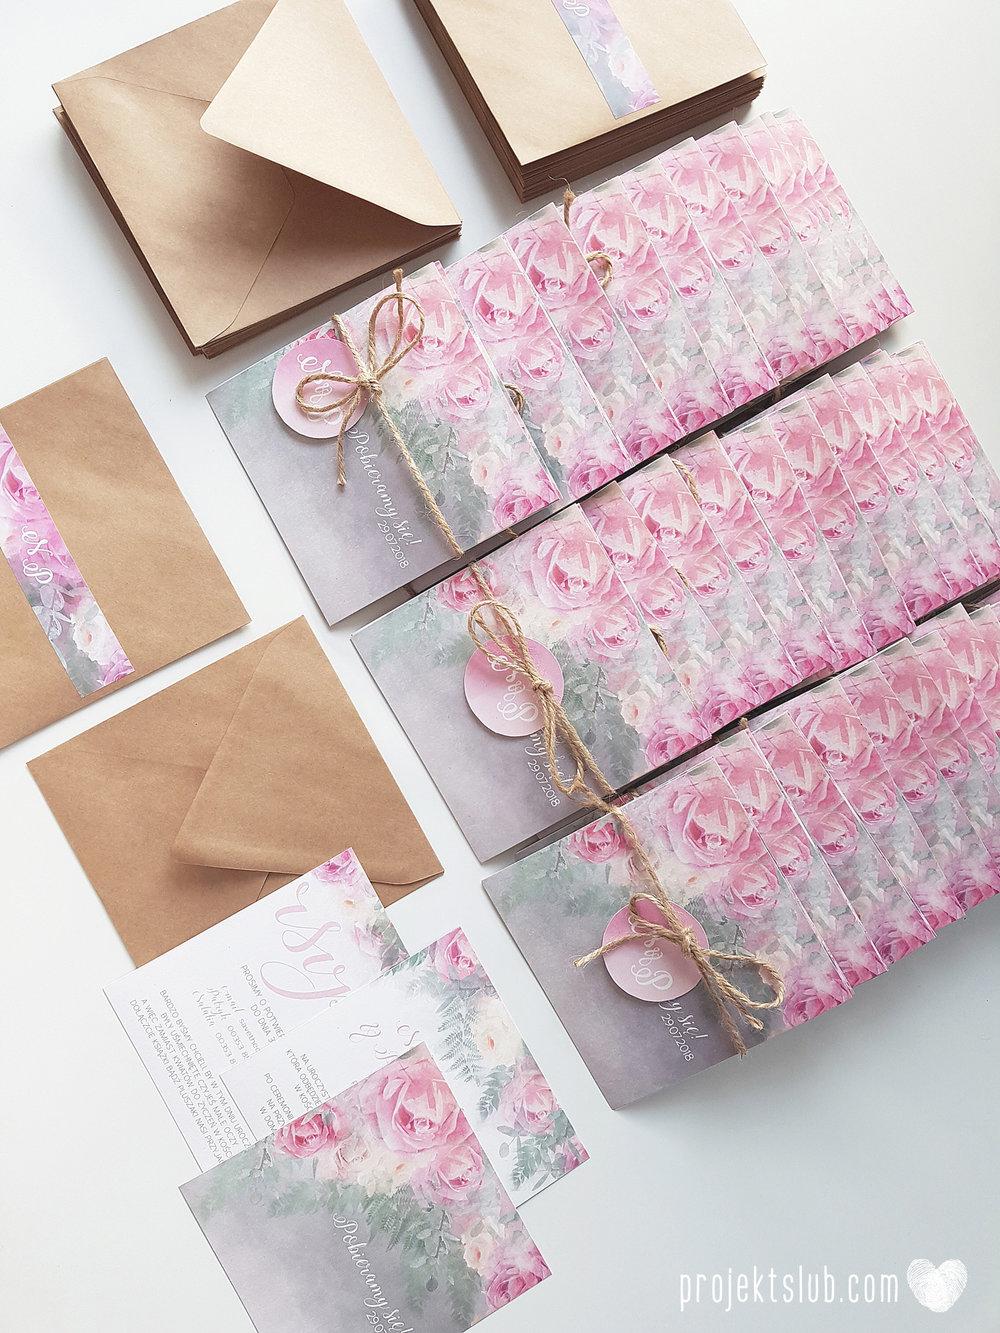 zaproszenia-slubne-projekt-kwiatowe-grafiki-malowane-boho-rustykalne-eko-romantyczne-akwarelowe-(6).jpg